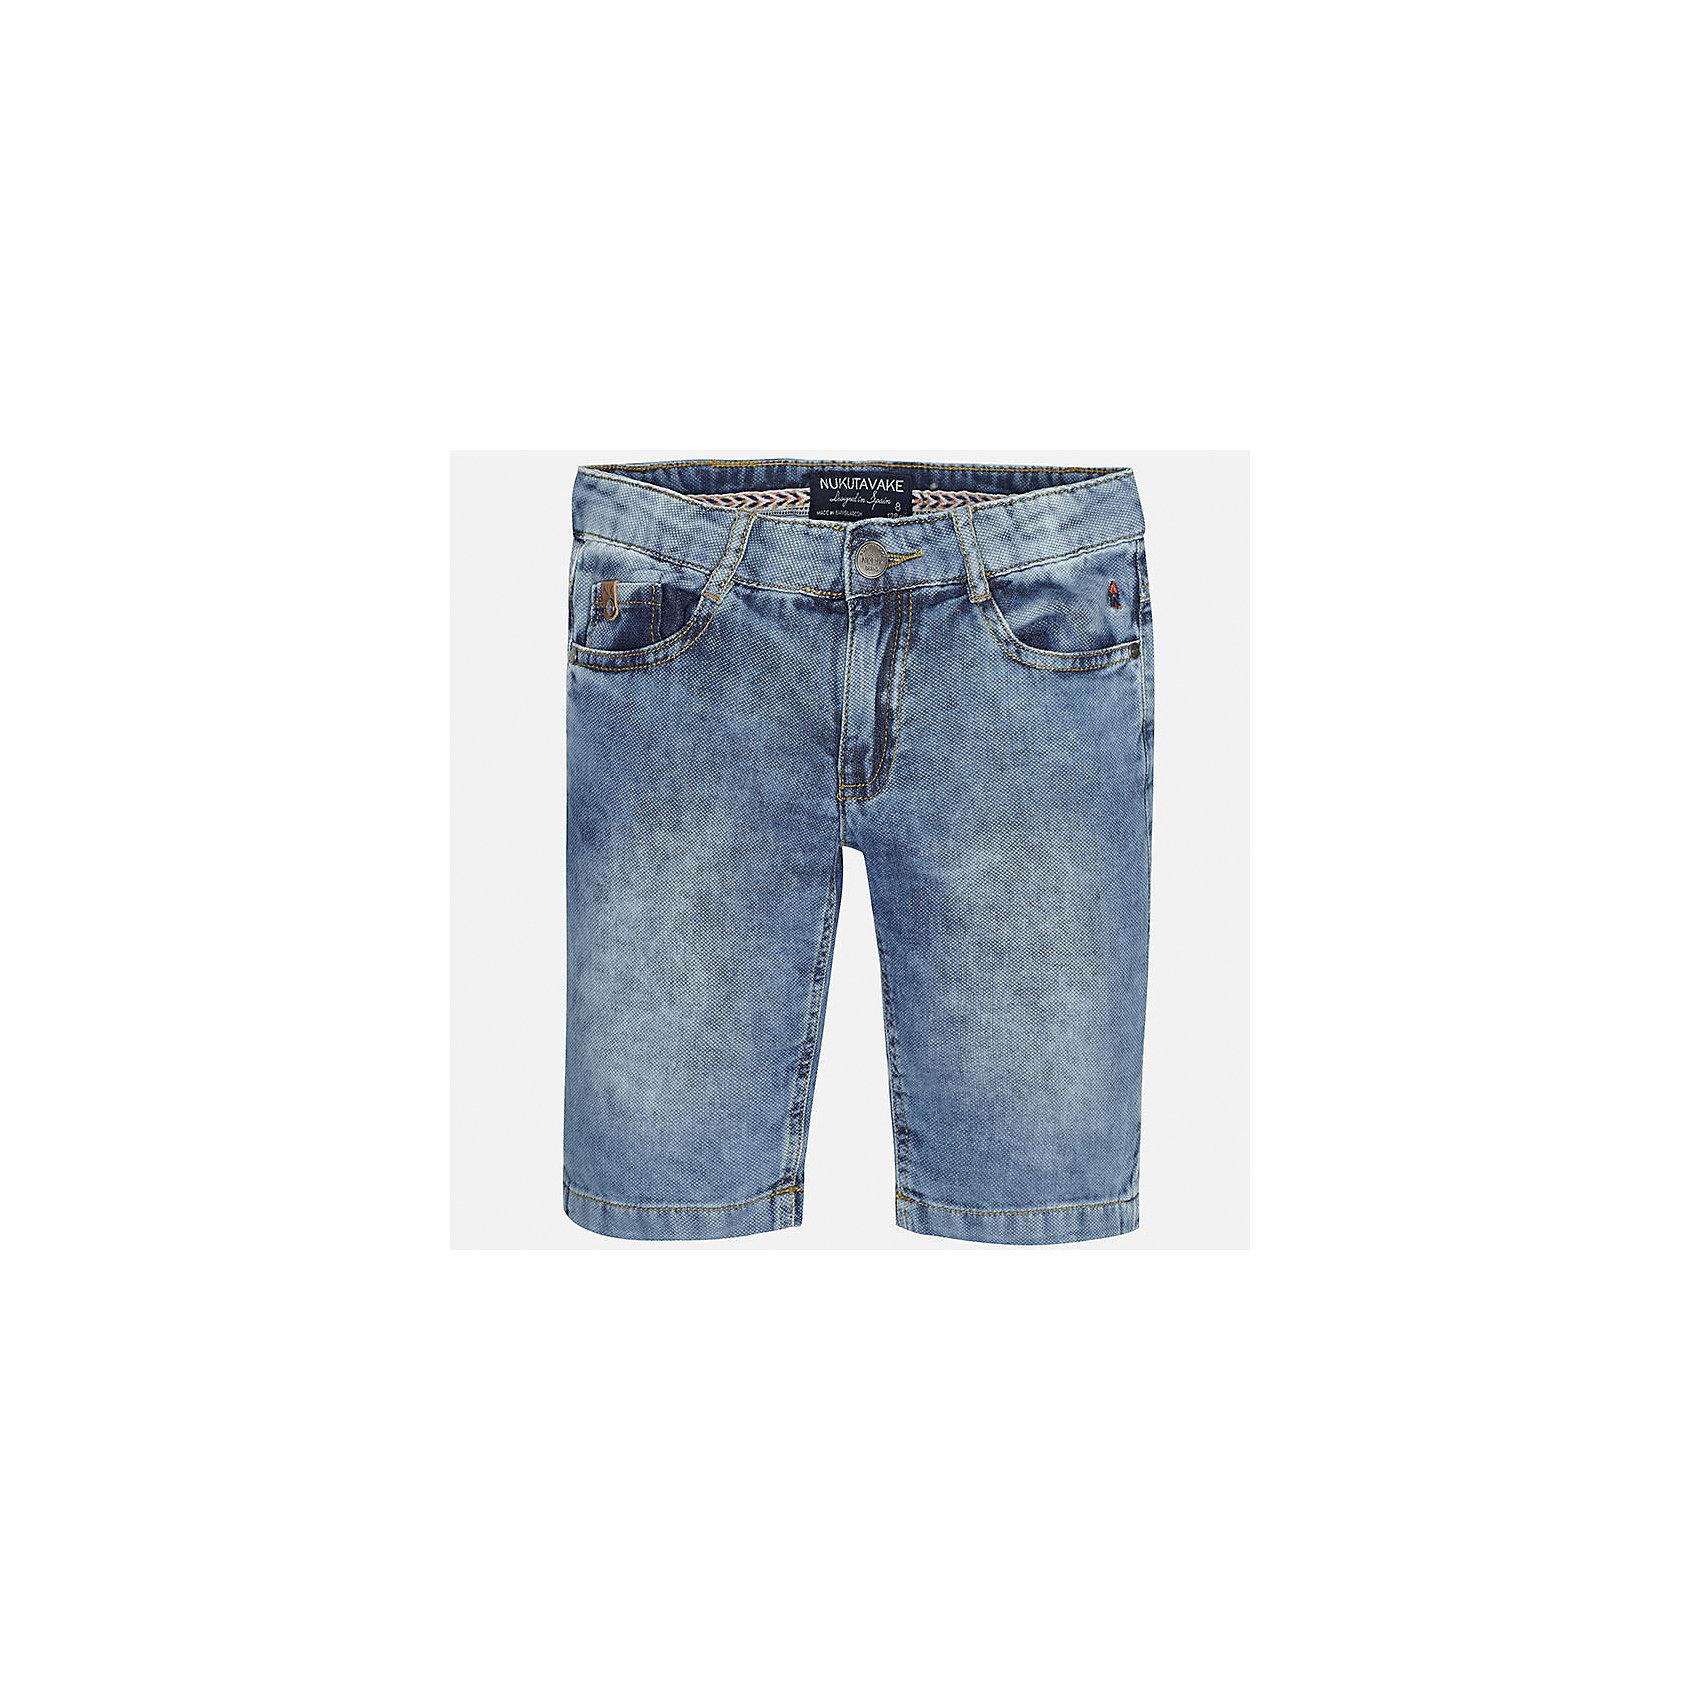 Шорты джинсовые для мальчика MayoralШорты, бриджи, капри<br>Характеристики товара:<br><br>• цвет: голубой<br>• состав: 100% хлопок<br>• шлевки<br>• карманы<br>• пояс с регулировкой объема<br>• имитация потертостей<br>• страна бренда: Испания<br><br>Стильные шорты для мальчика смогут стать базовой вещью в гардеробе ребенка. Они отлично сочетаются с майками, футболками, рубашками и т.д. Универсальный крой и цвет позволяет подобрать к вещи верх разных расцветок. Практичное и стильное изделие! В составе материала - только натуральный хлопок, гипоаллергенный, приятный на ощупь, дышащий.<br><br>Одежда, обувь и аксессуары от испанского бренда Mayoral полюбились детям и взрослым по всему миру. Модели этой марки - стильные и удобные. Для их производства используются только безопасные, качественные материалы и фурнитура. Порадуйте ребенка модными и красивыми вещами от Mayoral! <br><br>Шорты для мальчика от испанского бренда Mayoral (Майорал) можно купить в нашем интернет-магазине.<br><br>Ширина мм: 191<br>Глубина мм: 10<br>Высота мм: 175<br>Вес г: 273<br>Цвет: голубой<br>Возраст от месяцев: 84<br>Возраст до месяцев: 96<br>Пол: Мужской<br>Возраст: Детский<br>Размер: 128/134,170,140,152,158,164<br>SKU: 5281708